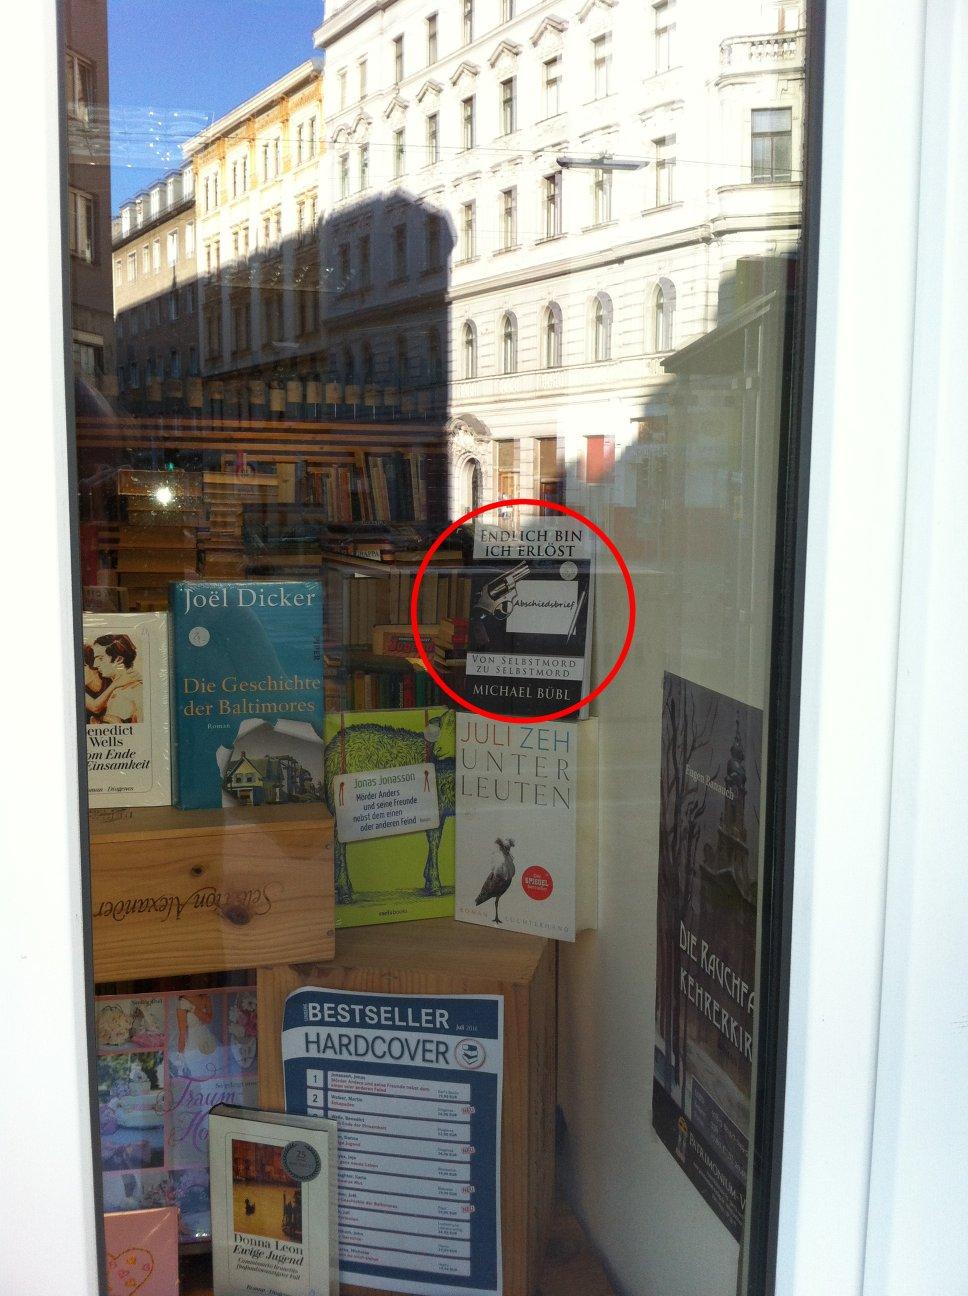 Hier im Bestsellereck von der bekannten Bücherecke in Wien steht es in der Auslage: Endlich bin ich erlöst